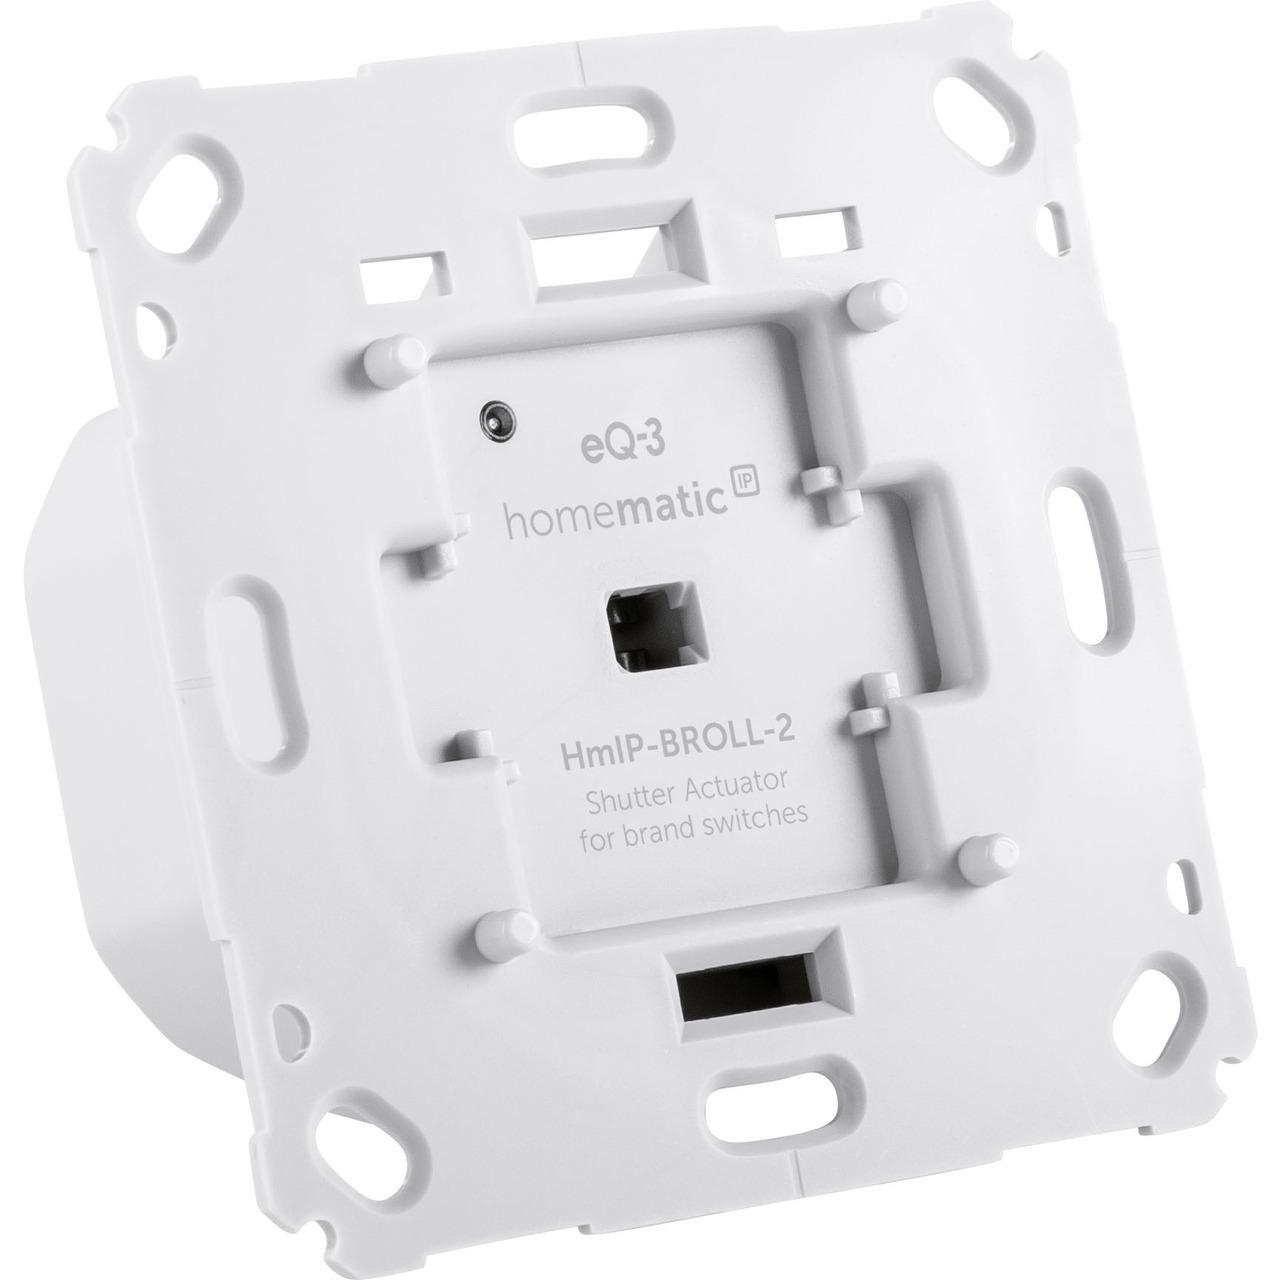 Homematic IP Smart Home Rollladenaktor HmIP-BROLL für Markenschalter- auch für Markisen geeignet